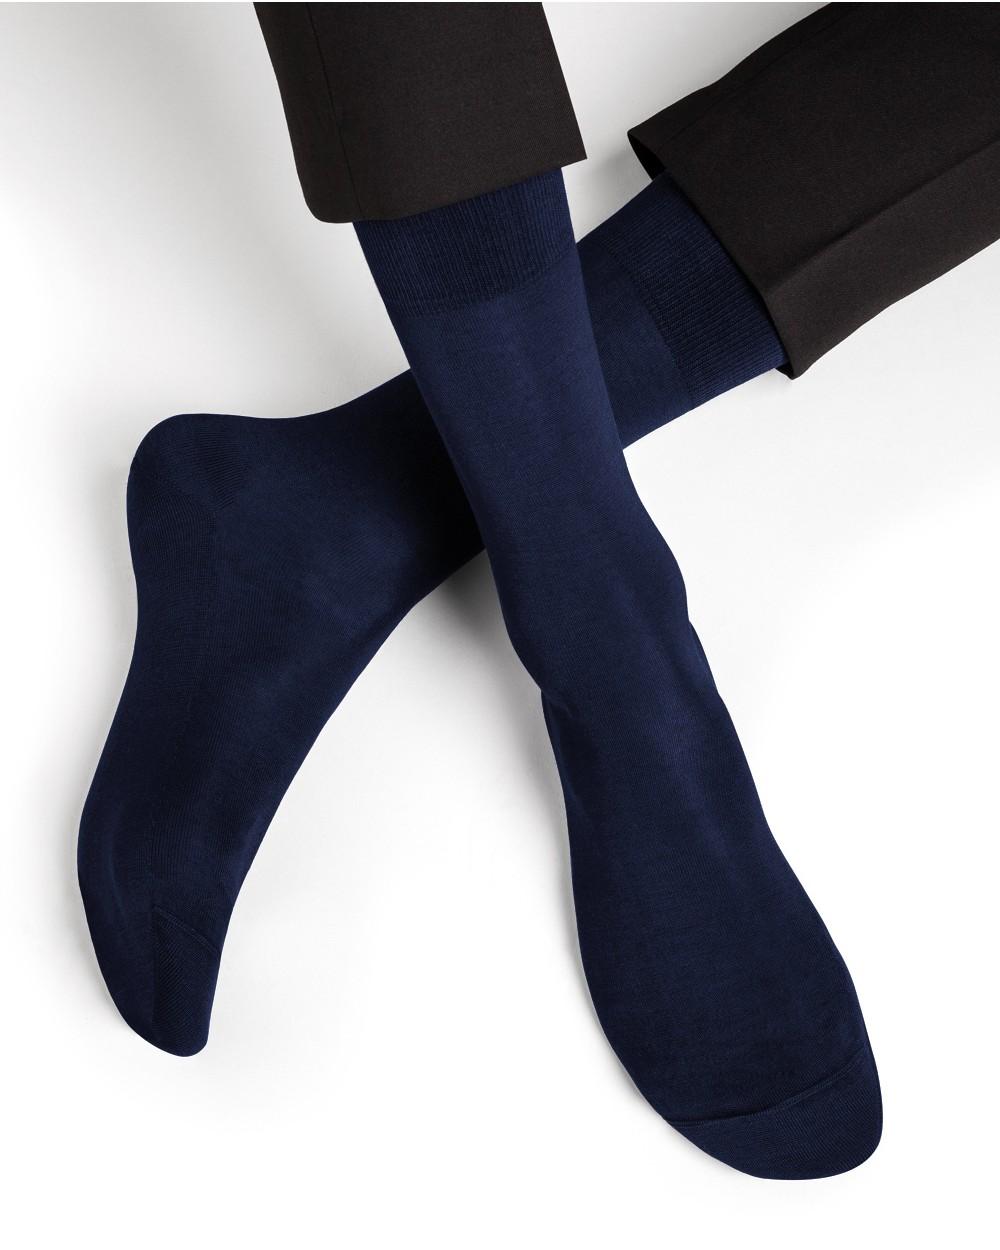 Chaussettes fines 100% fil d'Écosse - Excellence